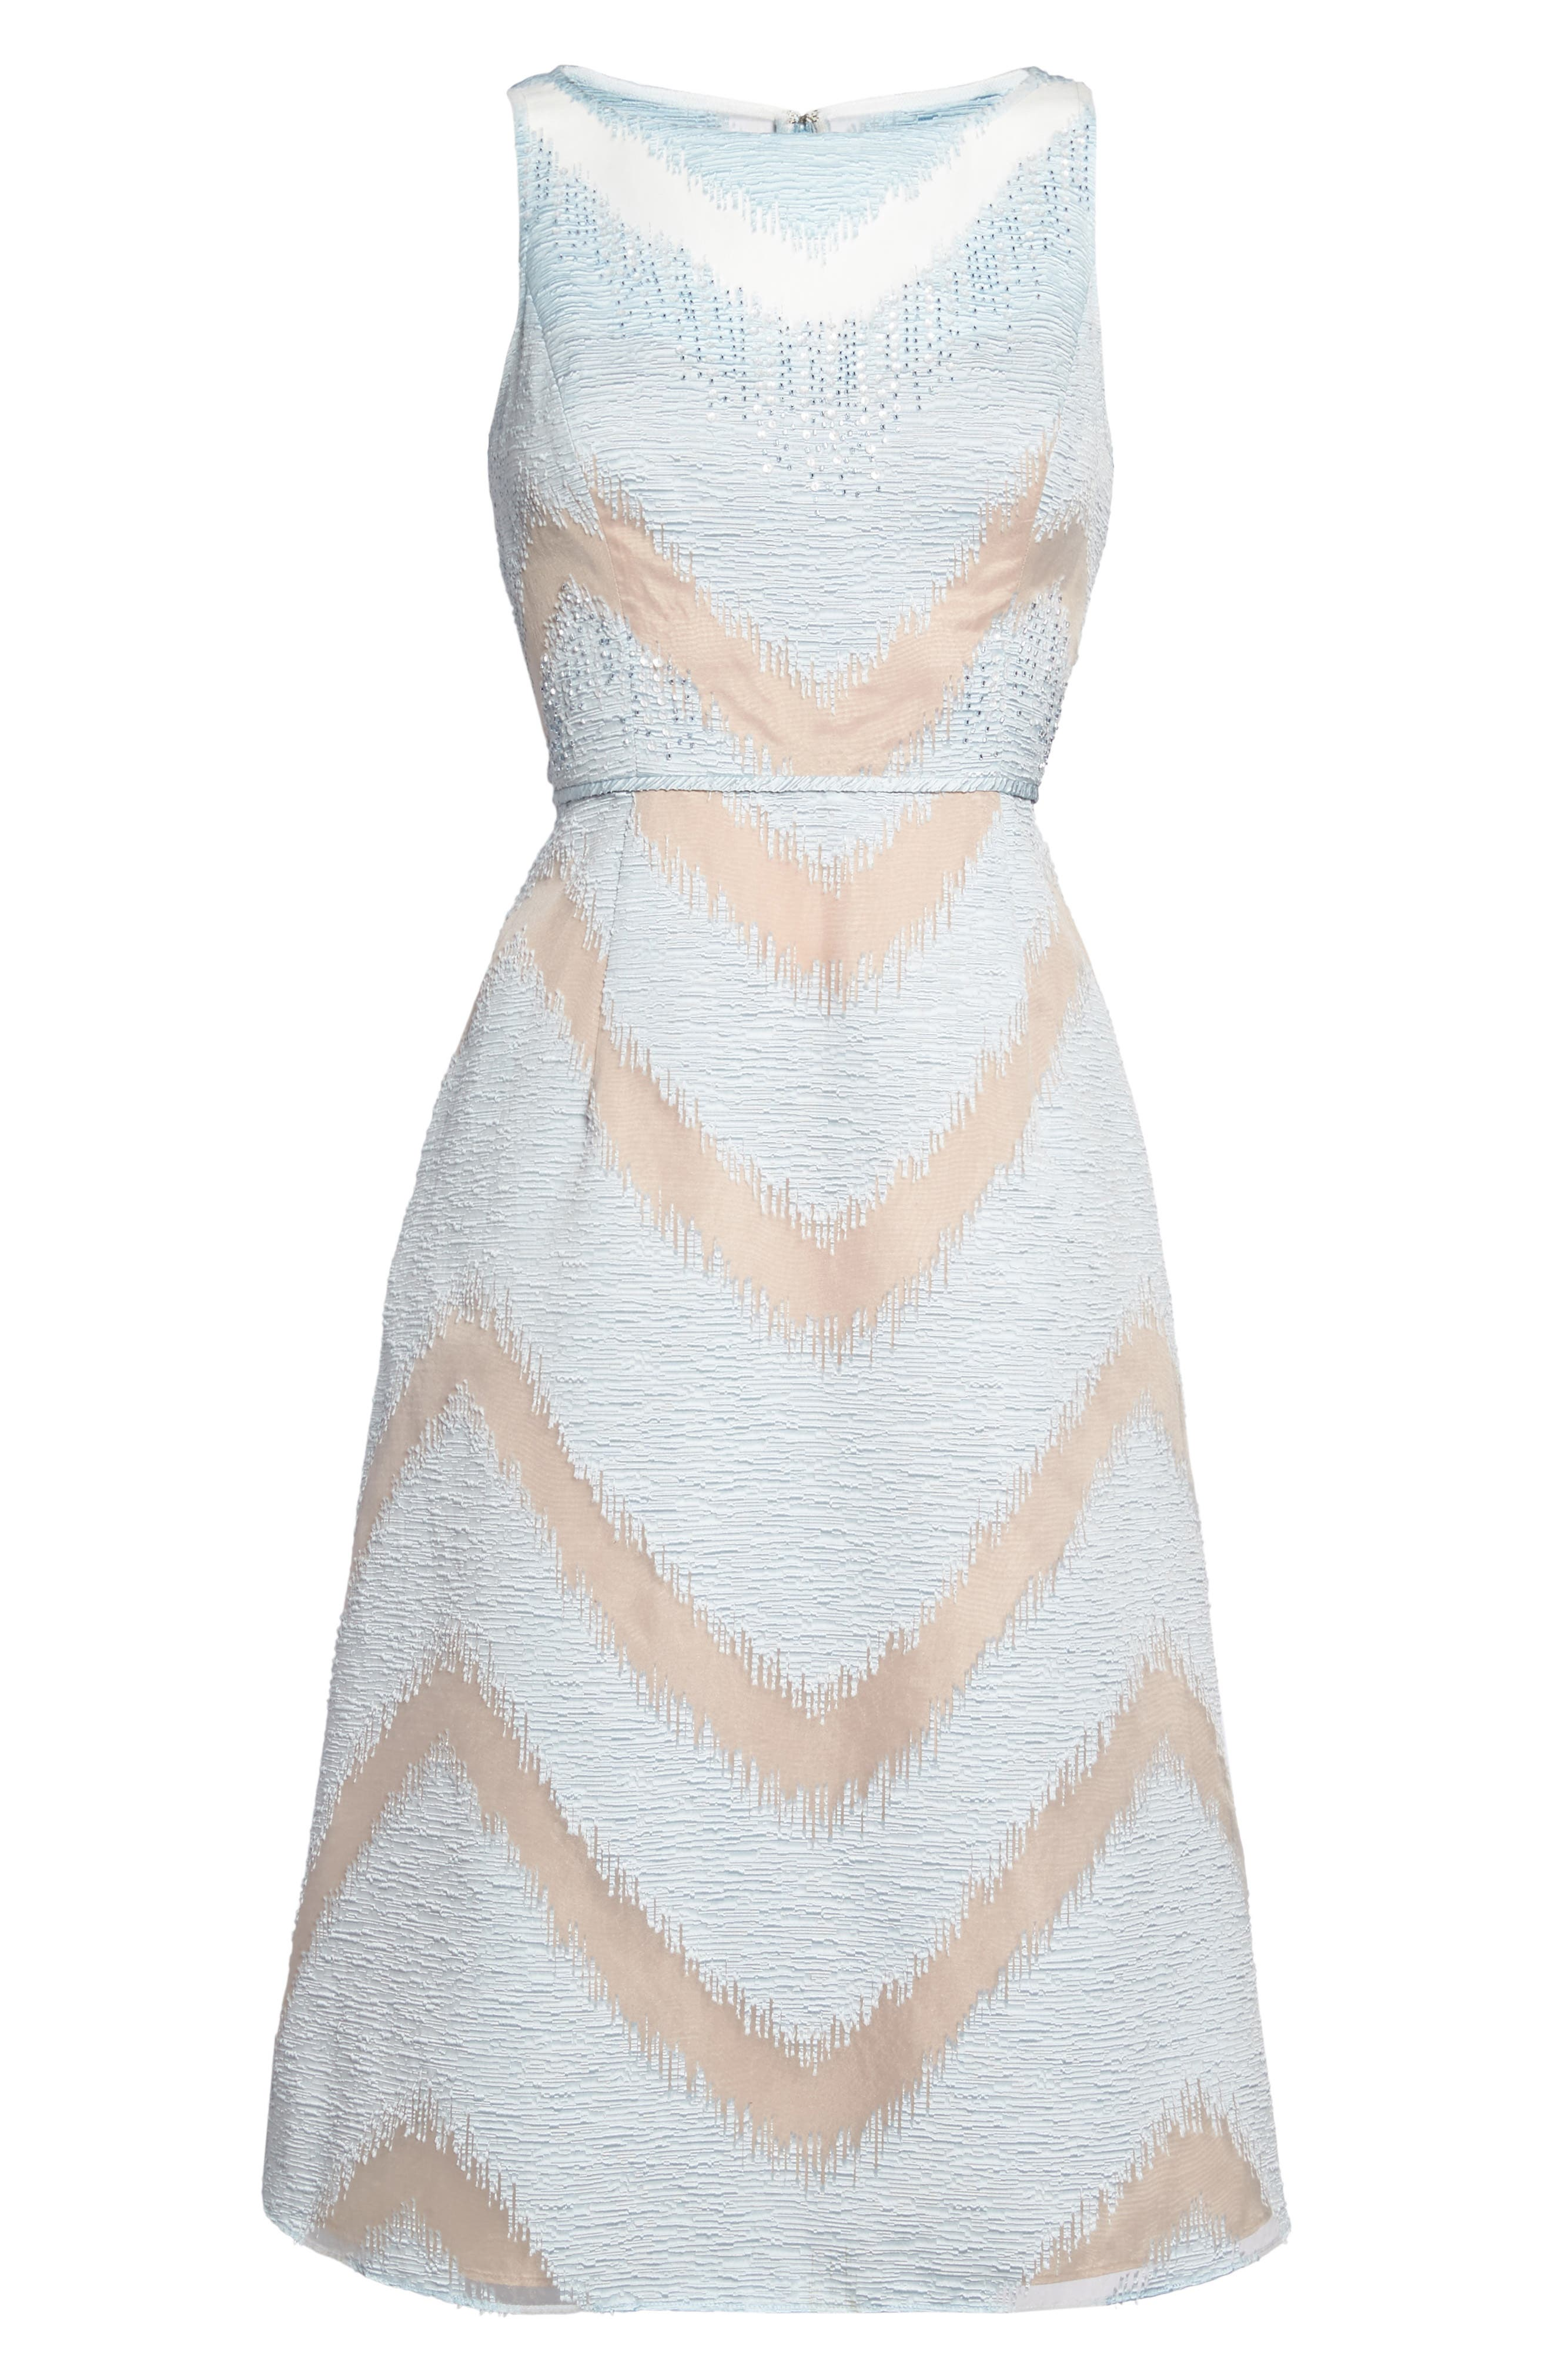 Jacquard Midi Dress,                             Alternate thumbnail 6, color,                             Ice